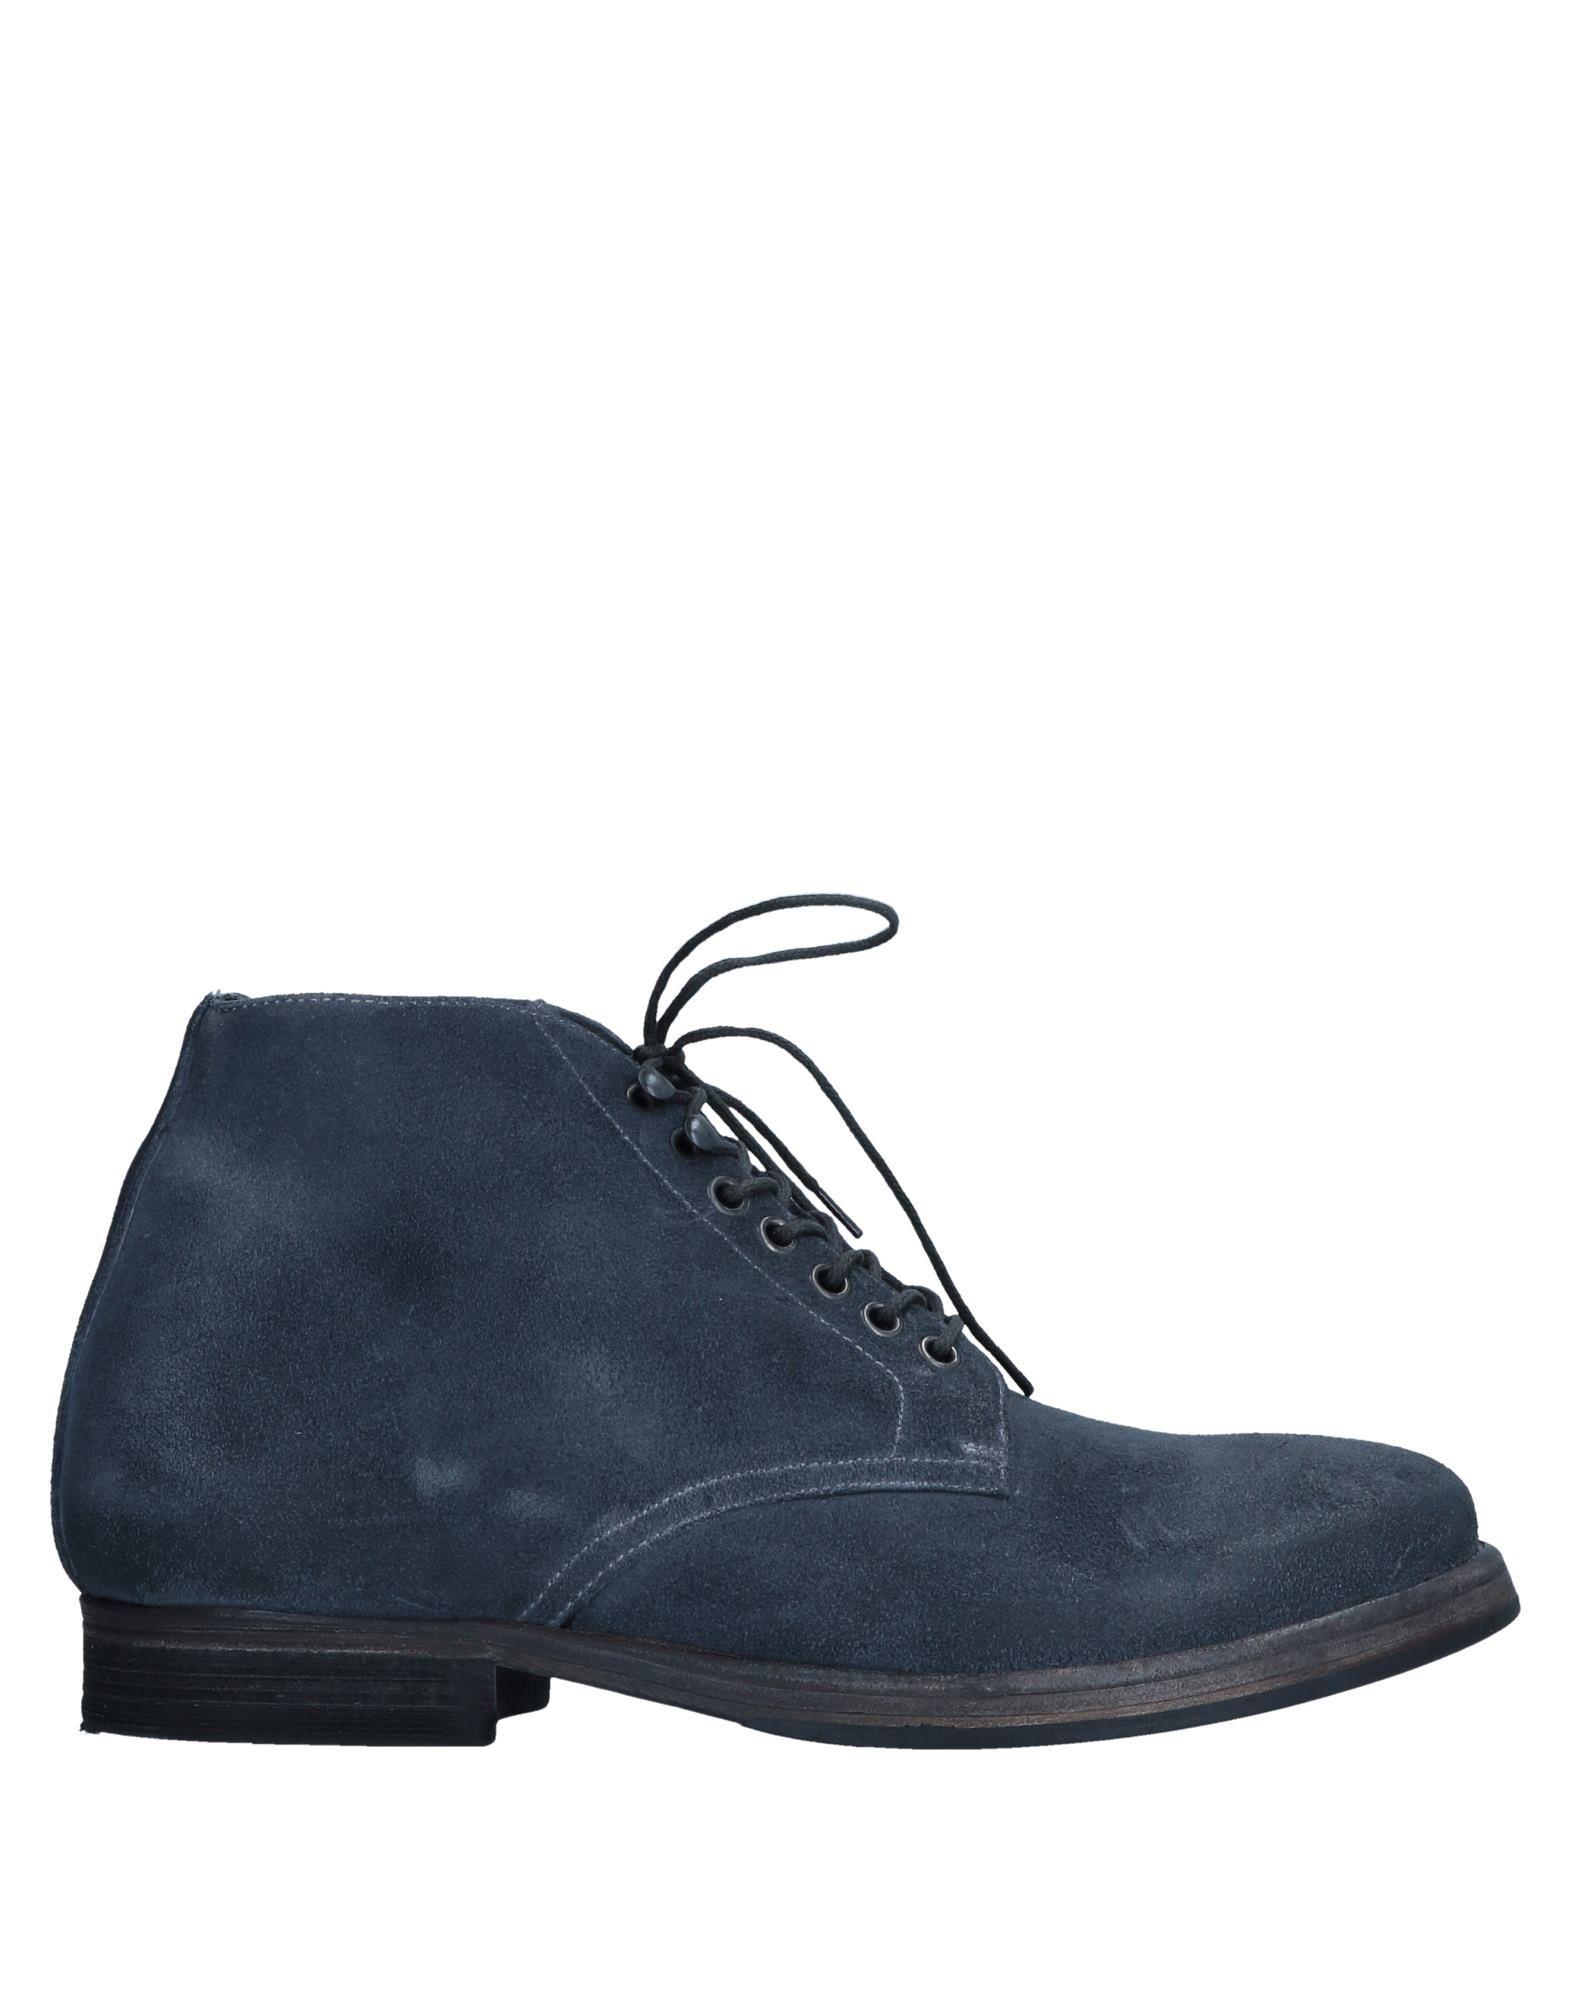 KEEP ORIGINALS Полусапоги и высокие ботинки keep originals полусапоги и высокие ботинки